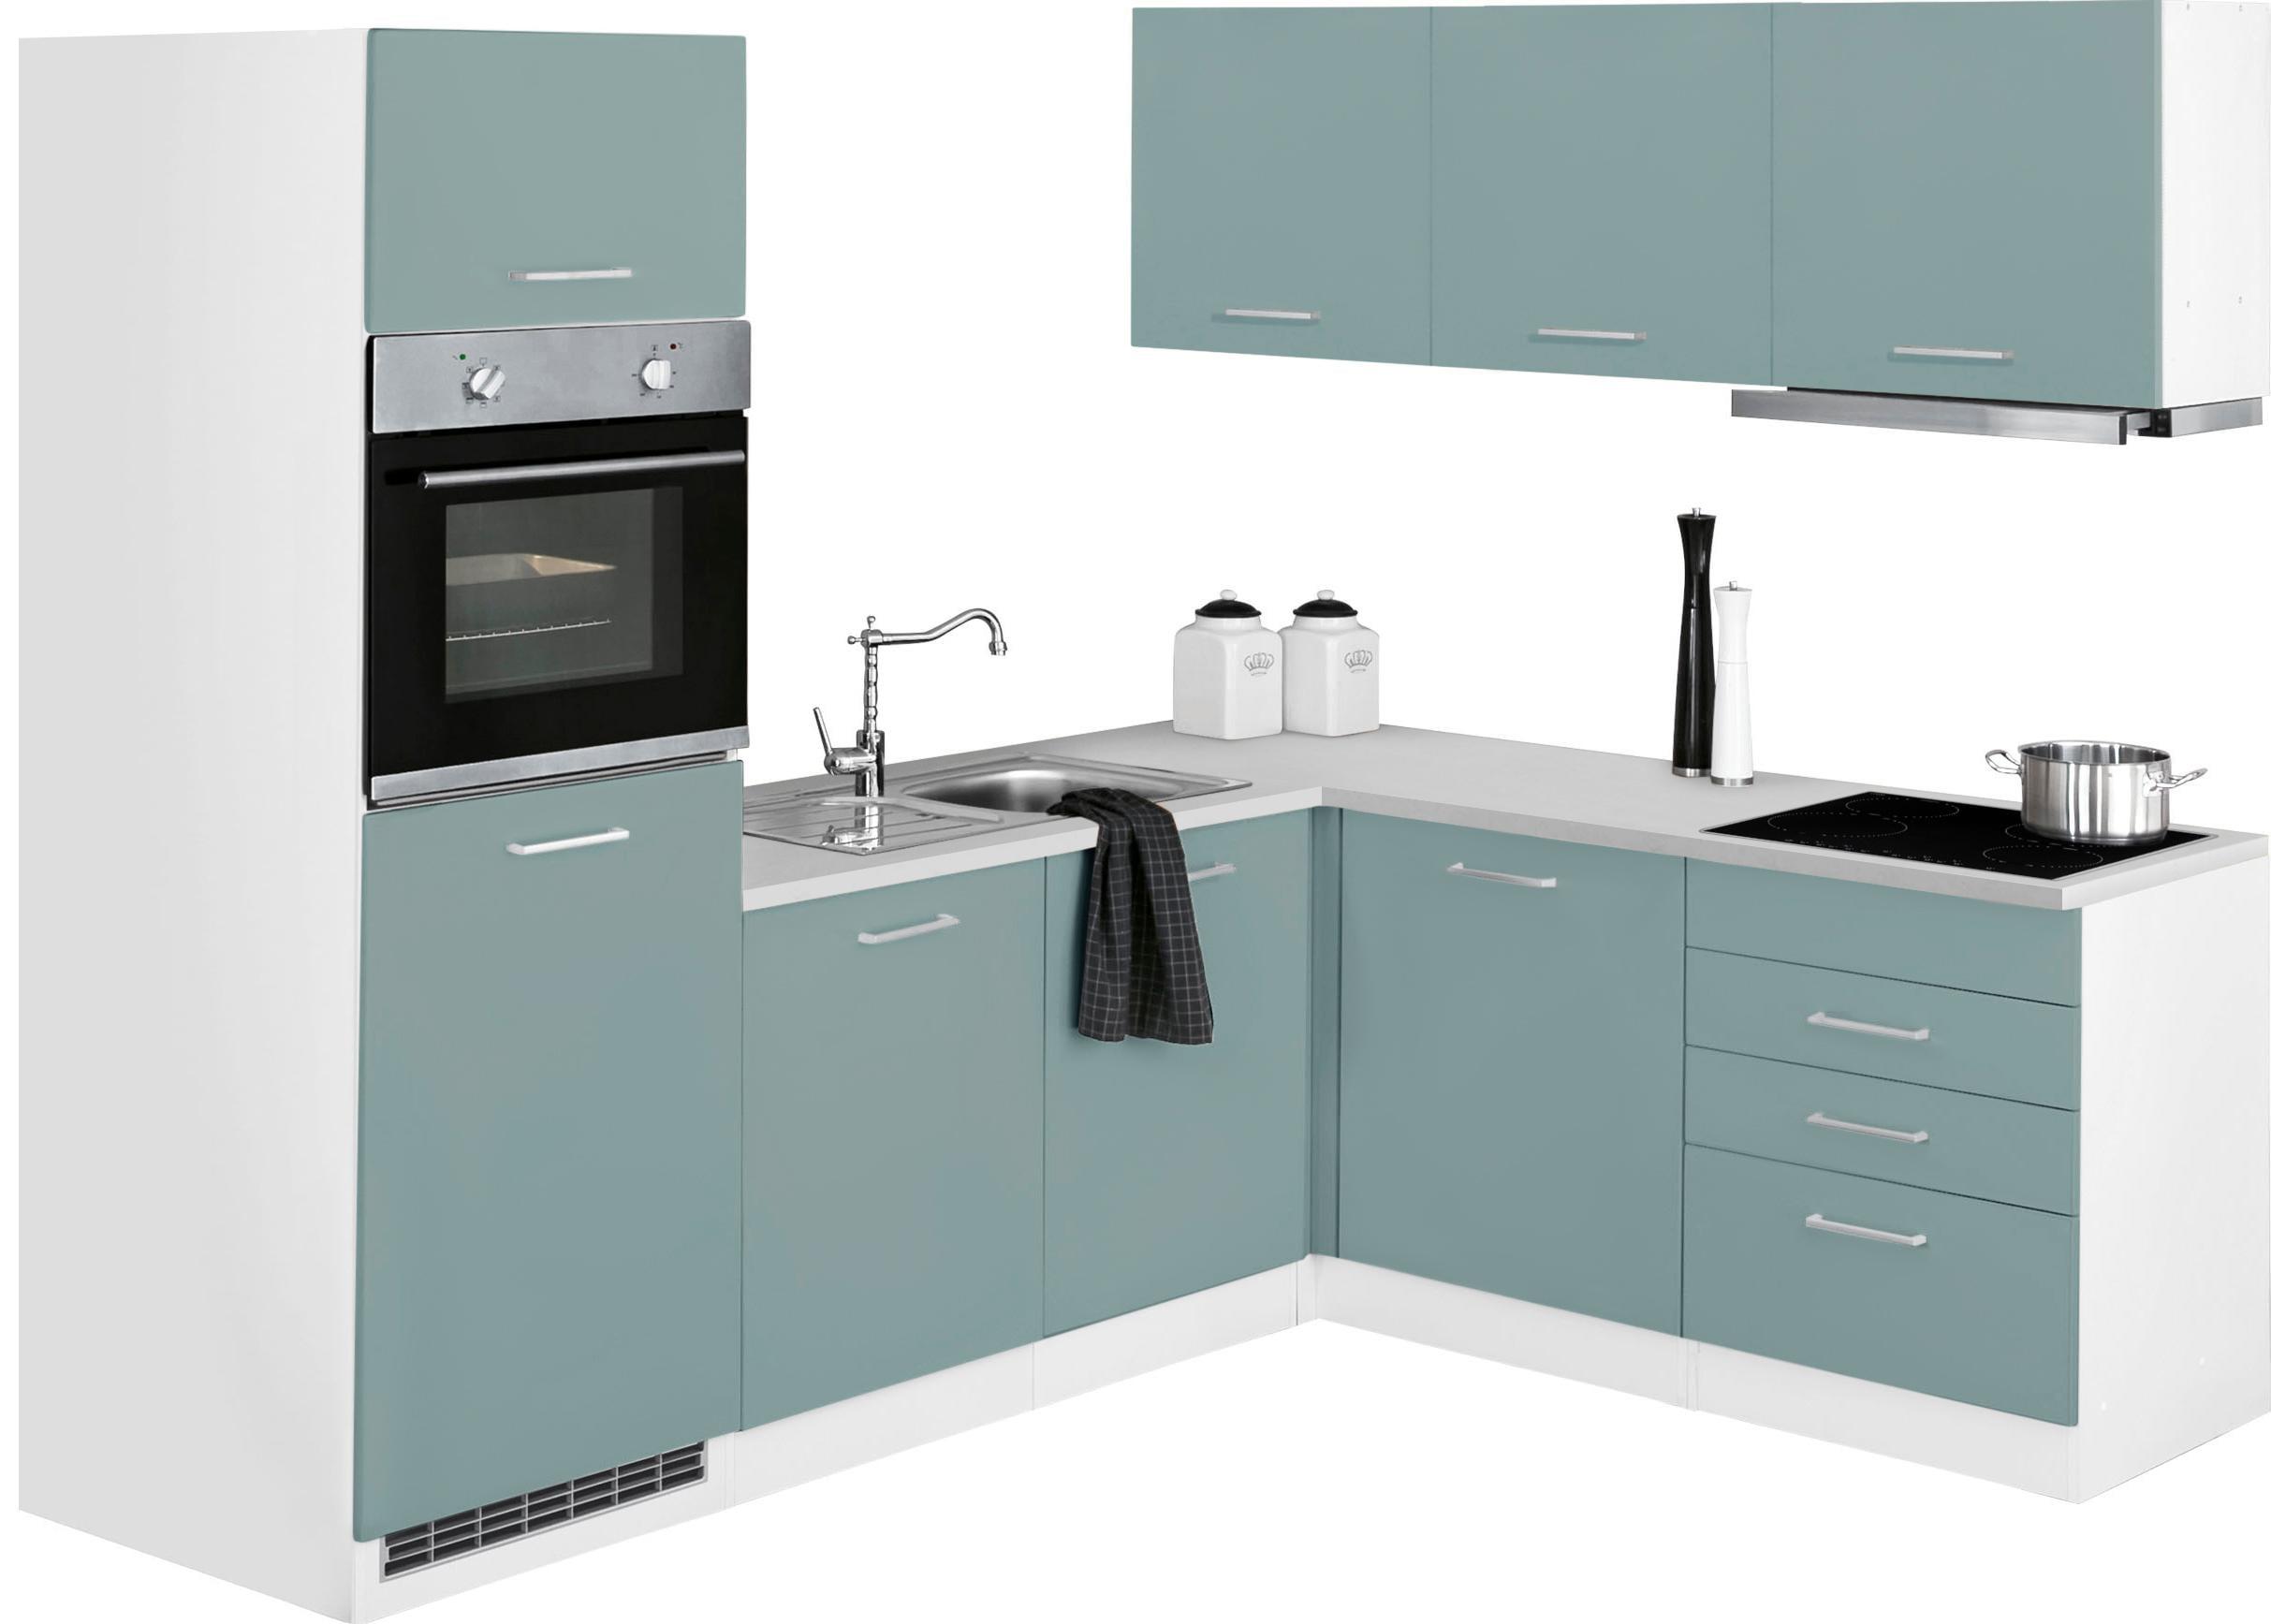 HELD MÖBEL Winkelküche Visby mit E-Geräten Stellbreite 240 x 180 cm